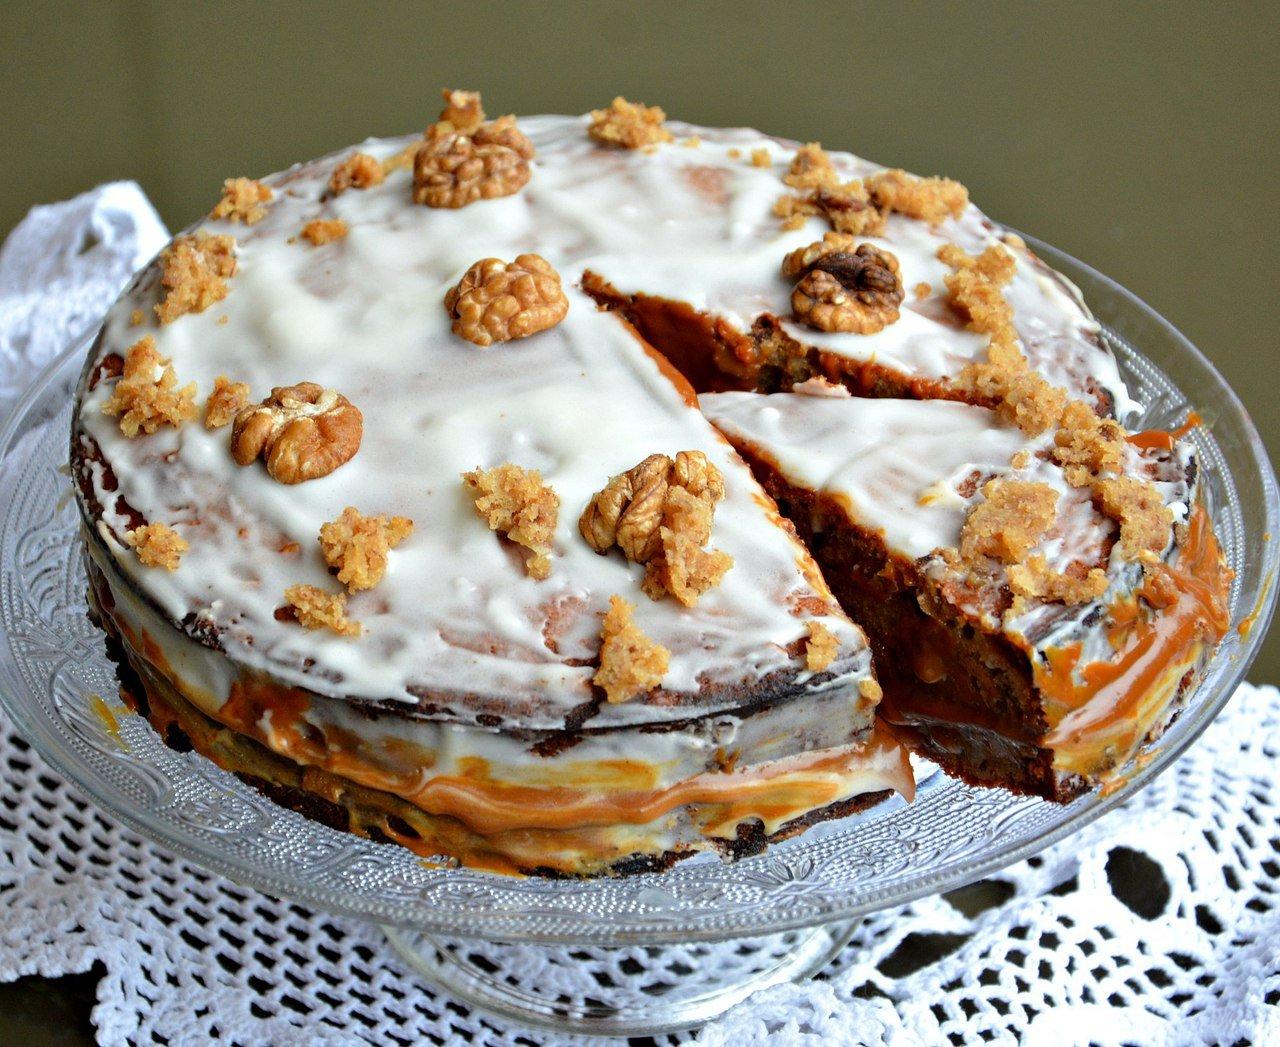 банановый торт со сгущенкой рецепт с фото один сплошной